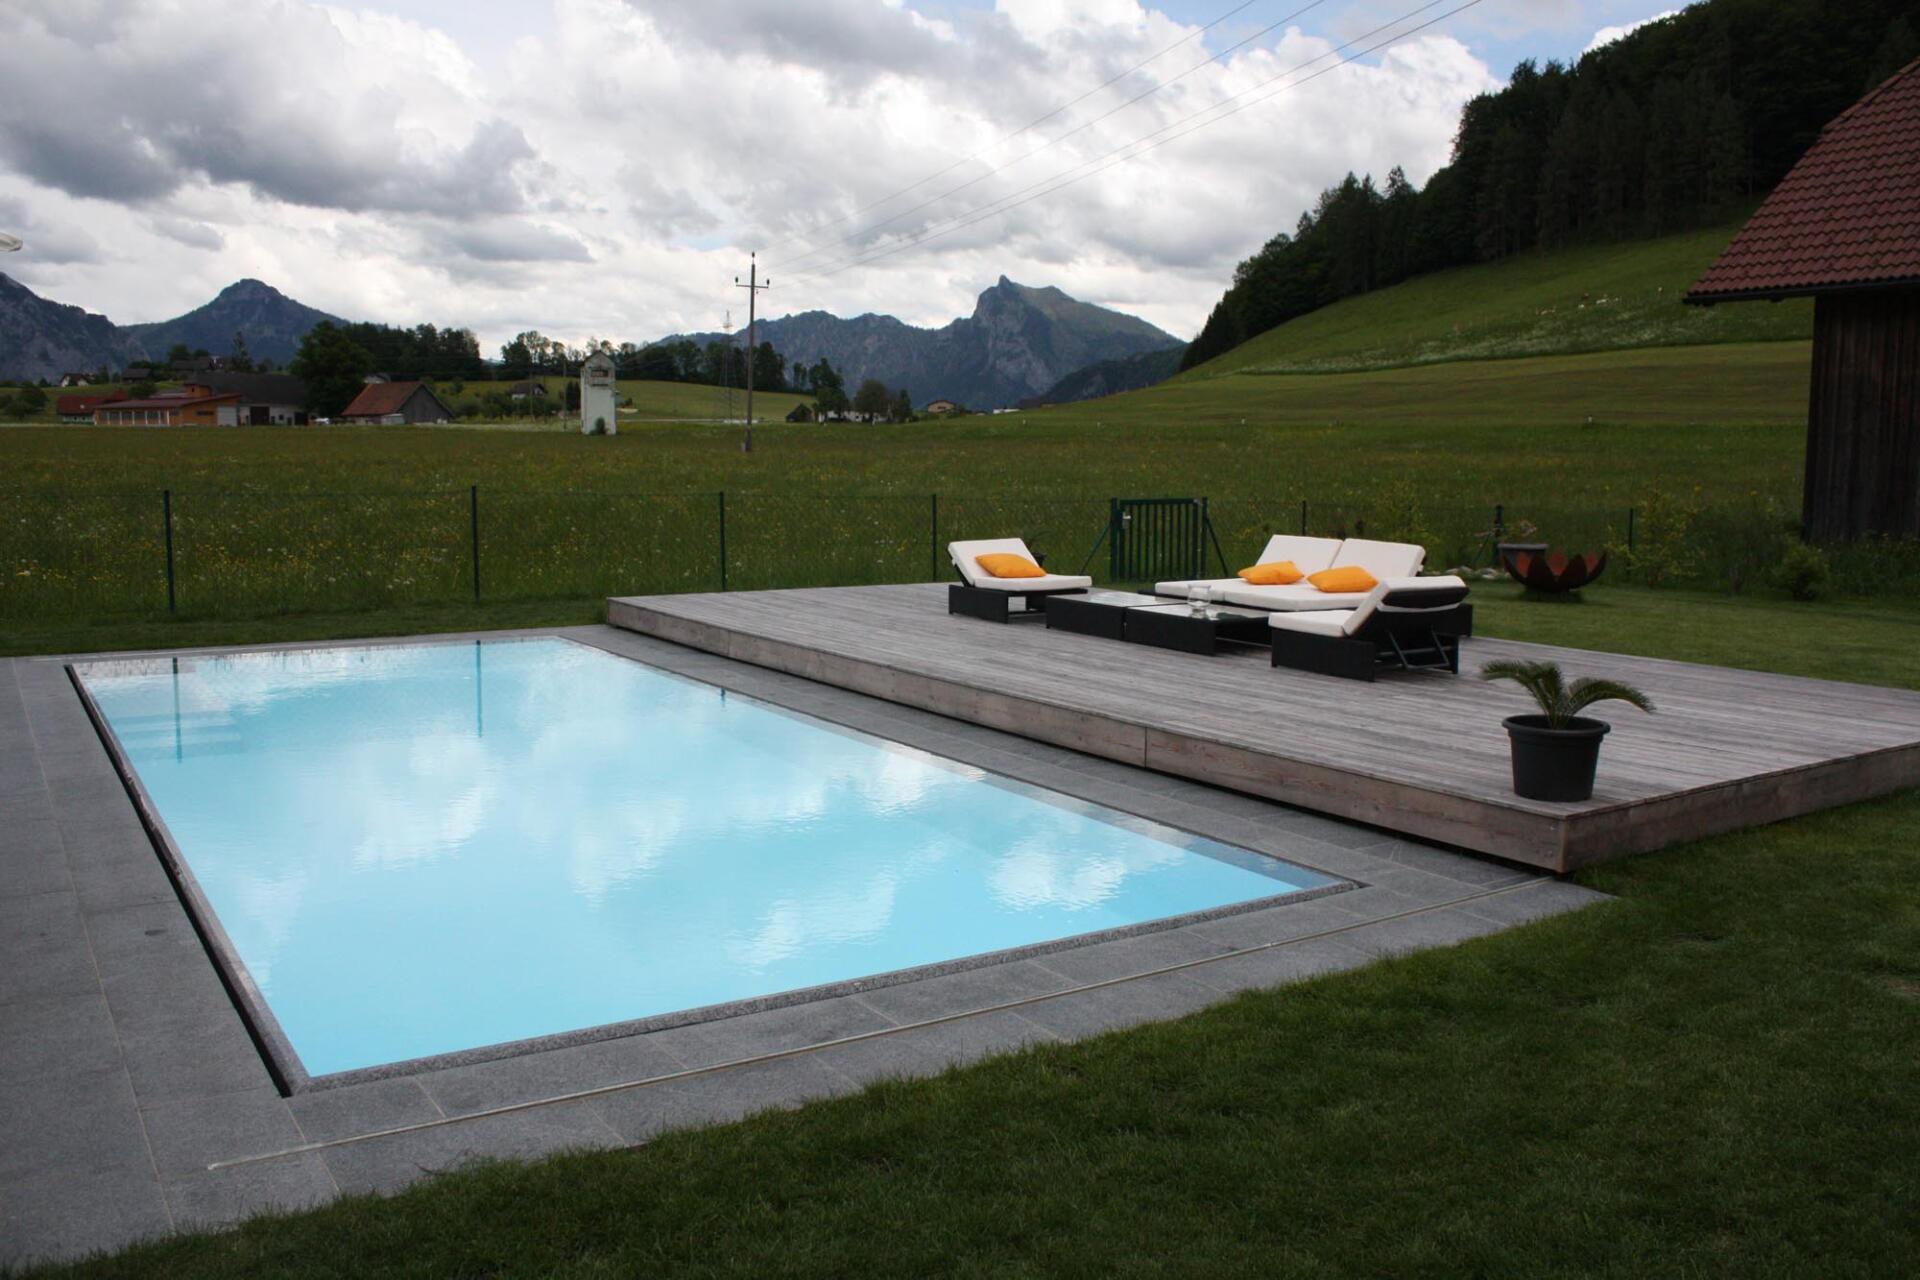 Abdeckung - Schwimmbadbau Tirol - SST Saurwein Schwimmbad Technik